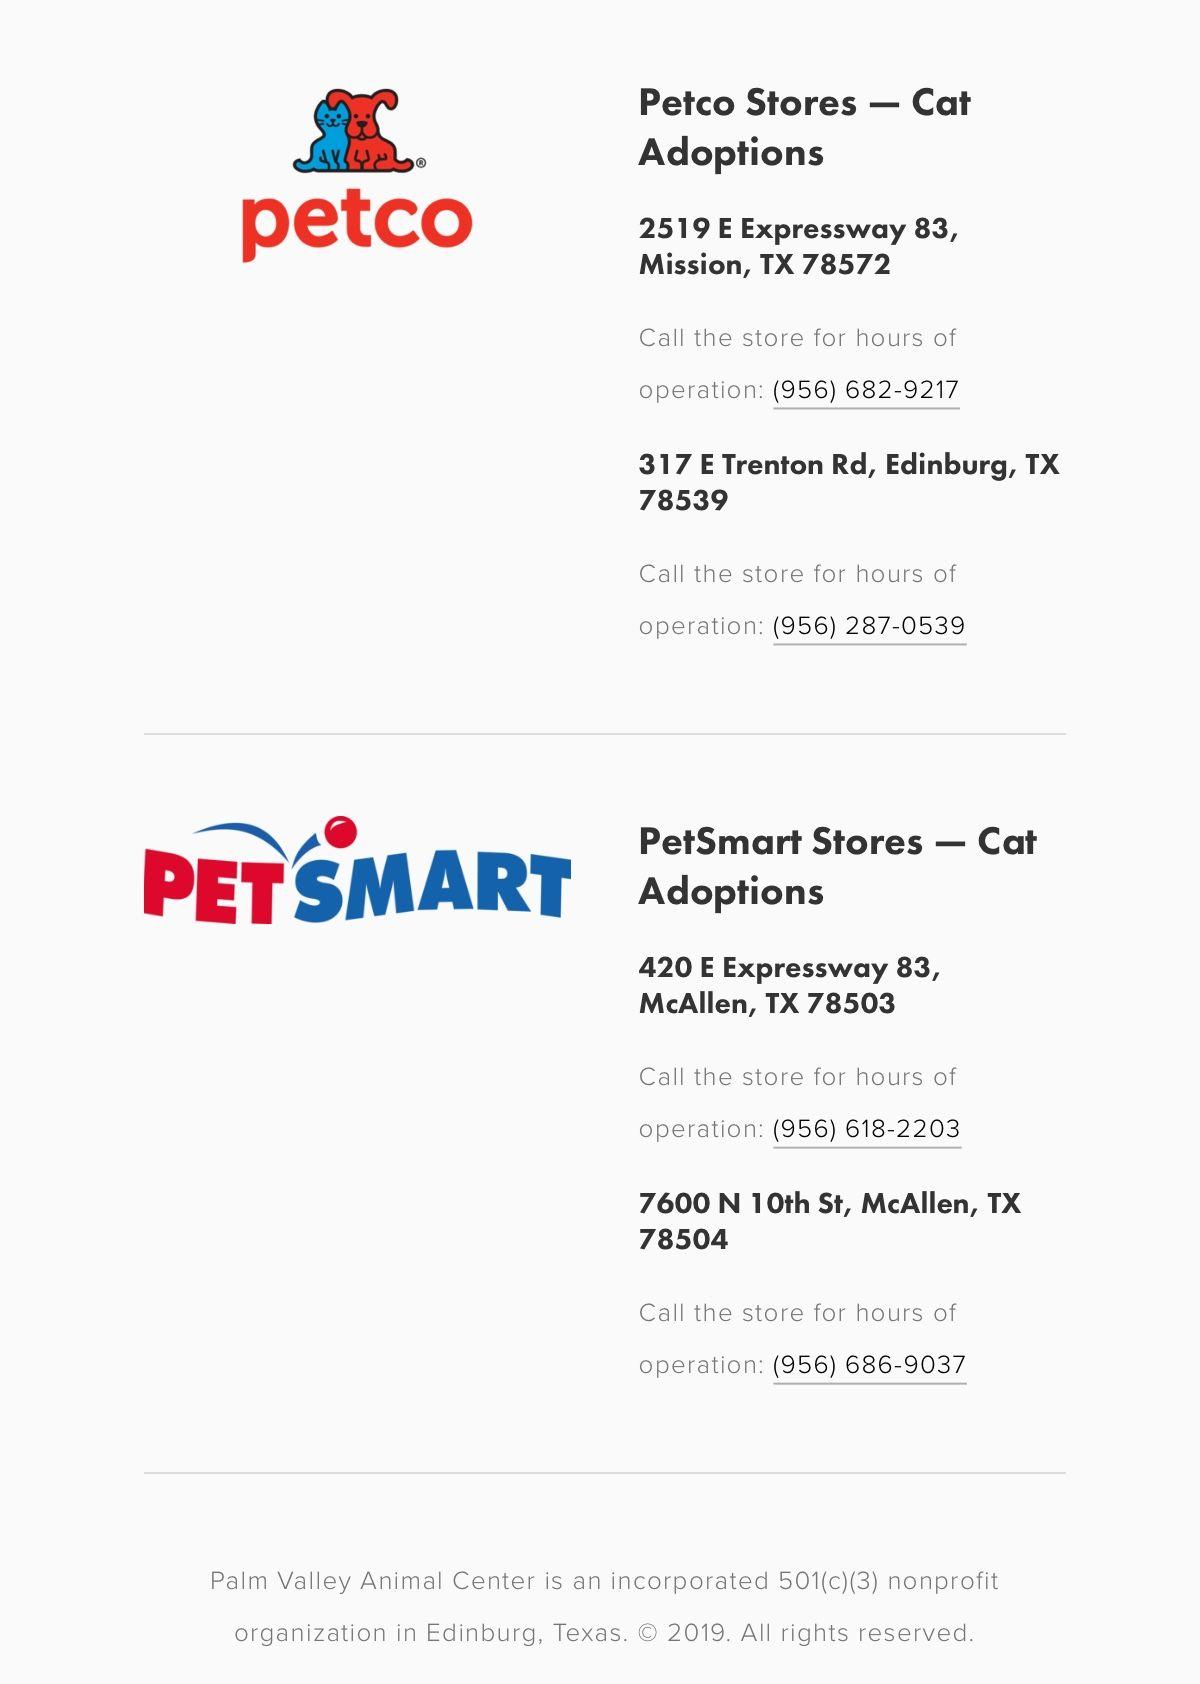 Cat Adoptions Also Done Through Petco And Petsmart Cat Adoption